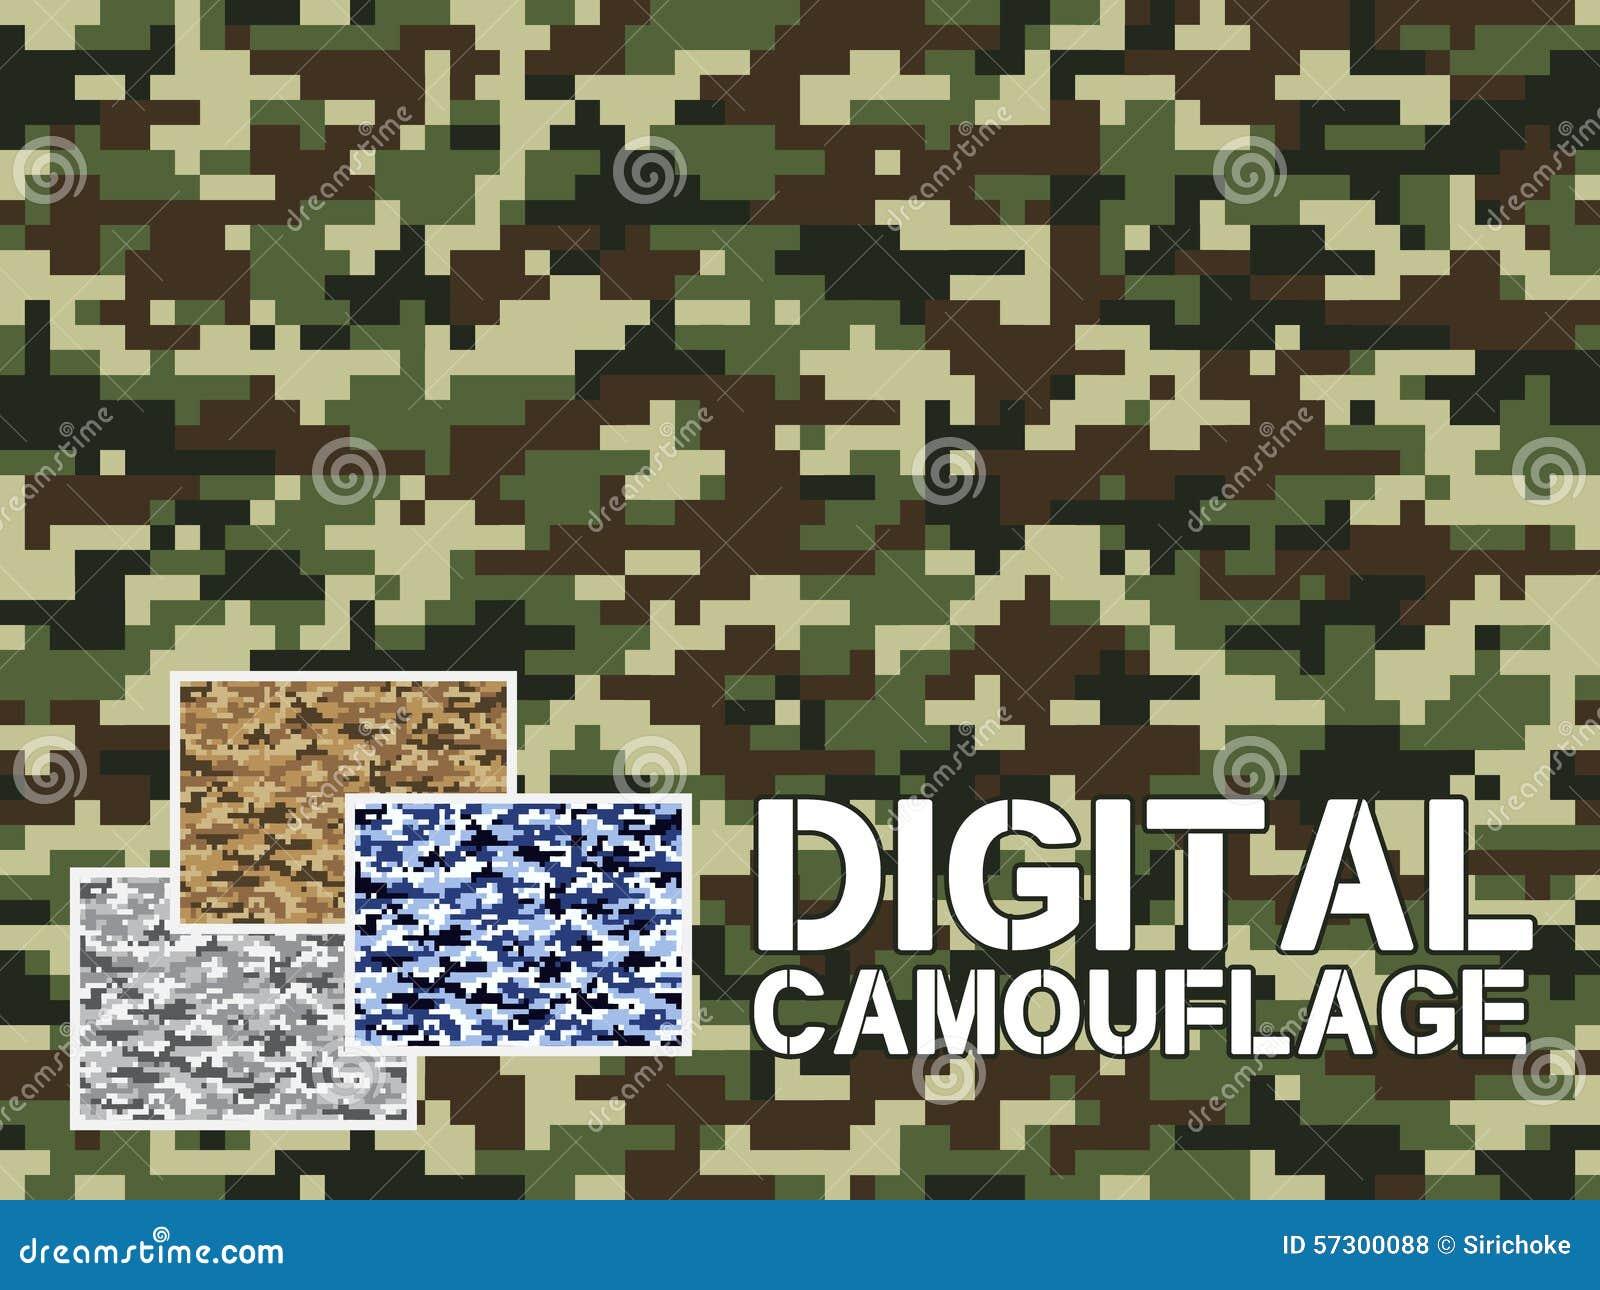 四种不同背景的,衣物,纺织品服装,墙纸颜色数字式伪装军事样式||非常易使用